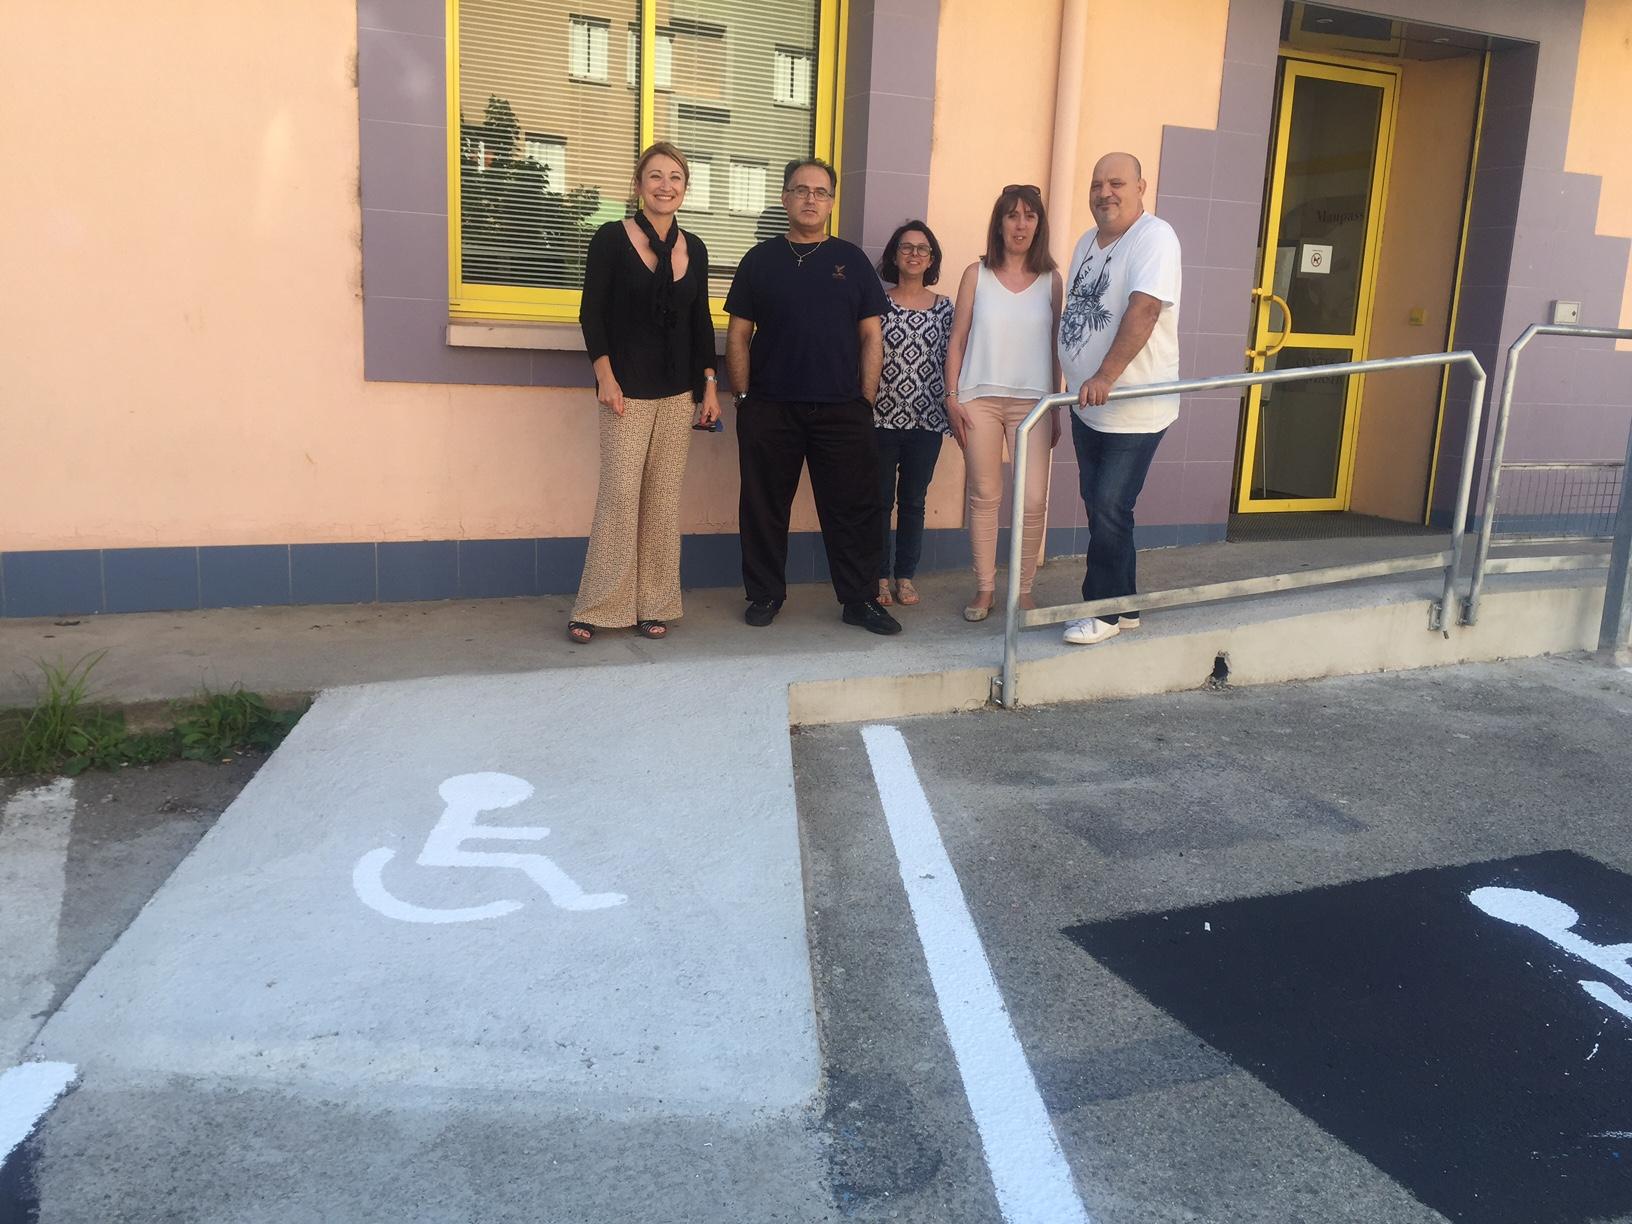 La médiathèque des Cannes accessible aux personnes handicapées